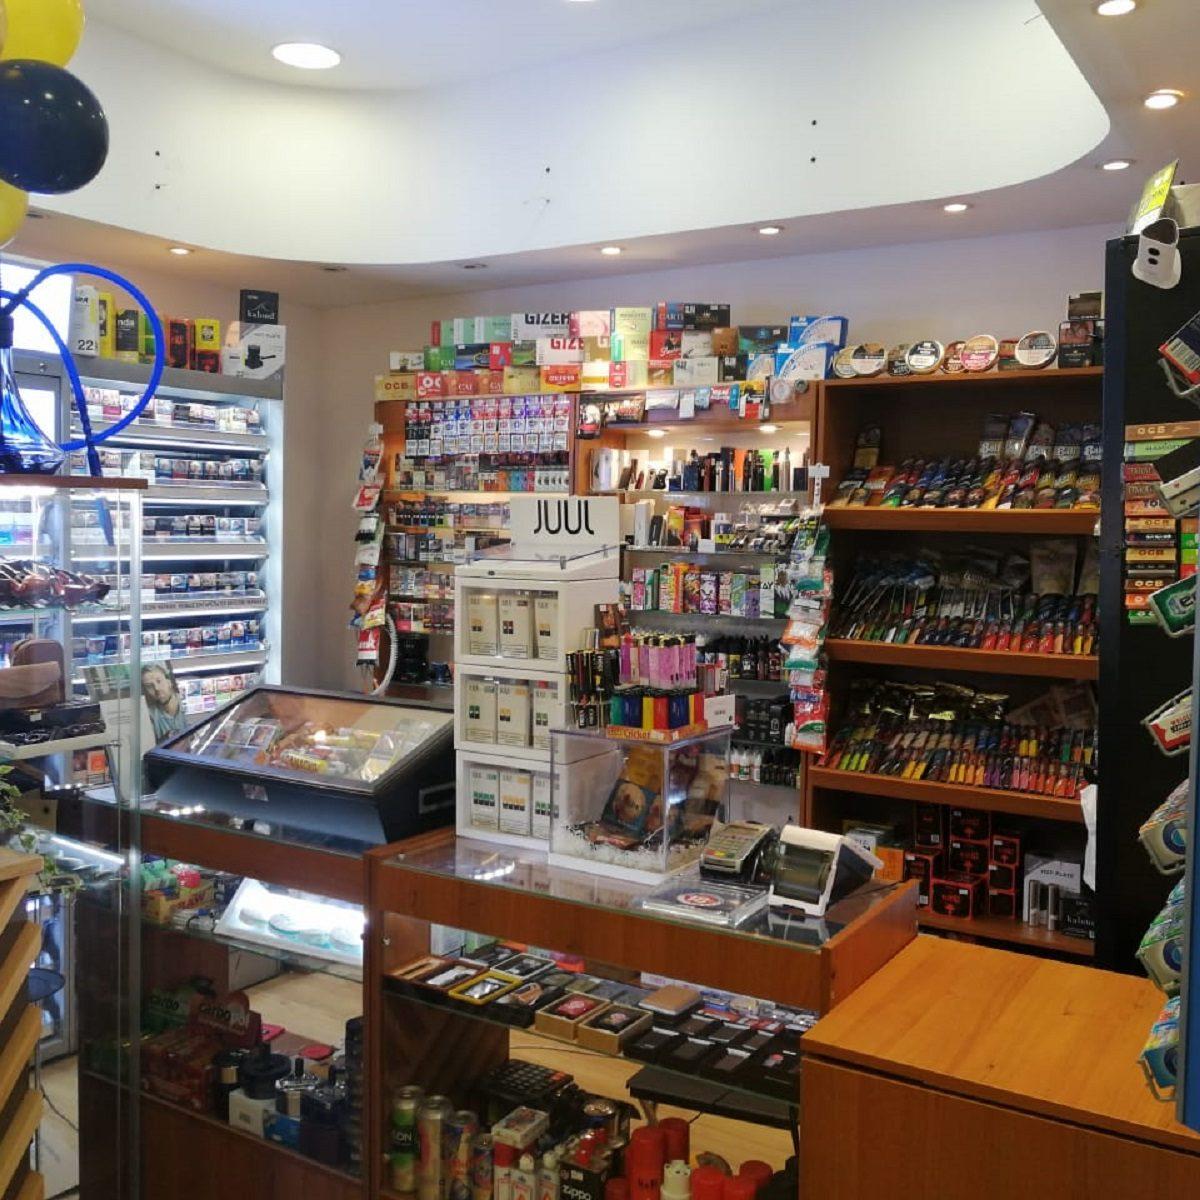 магазин метро табачные изделия